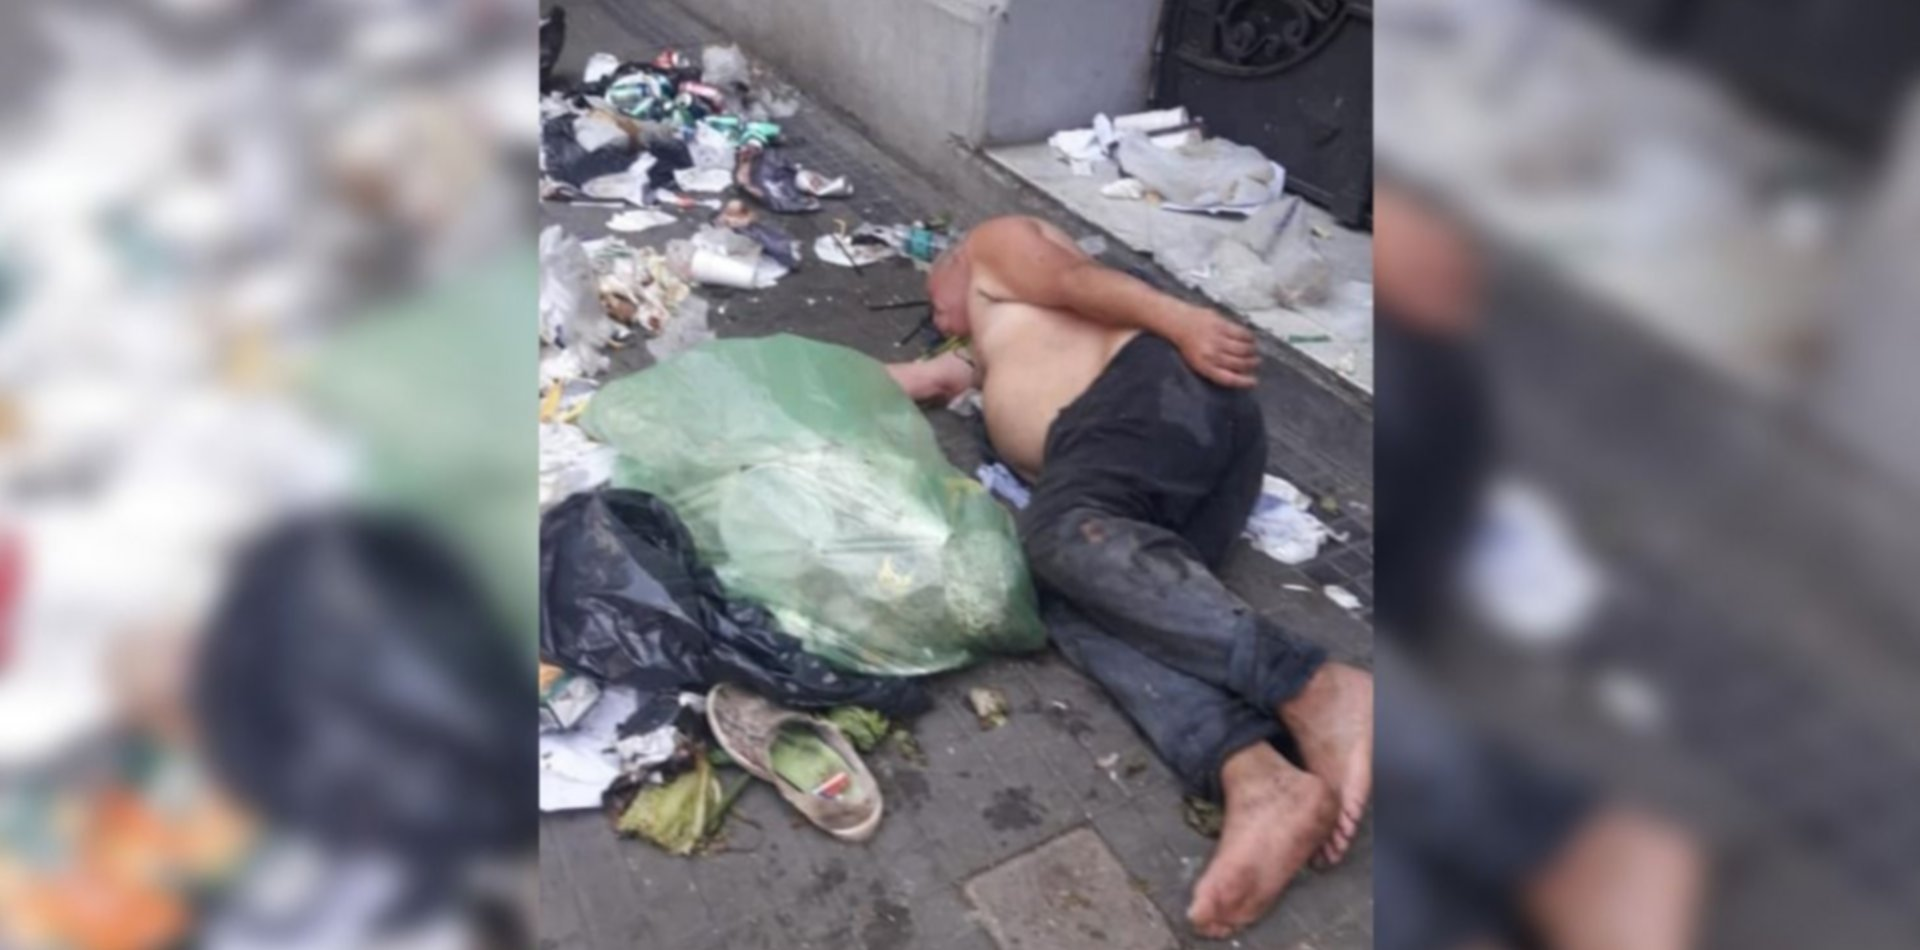 La foto que más duele: vio a un platense durmiendo entre la basura y pide ayuda